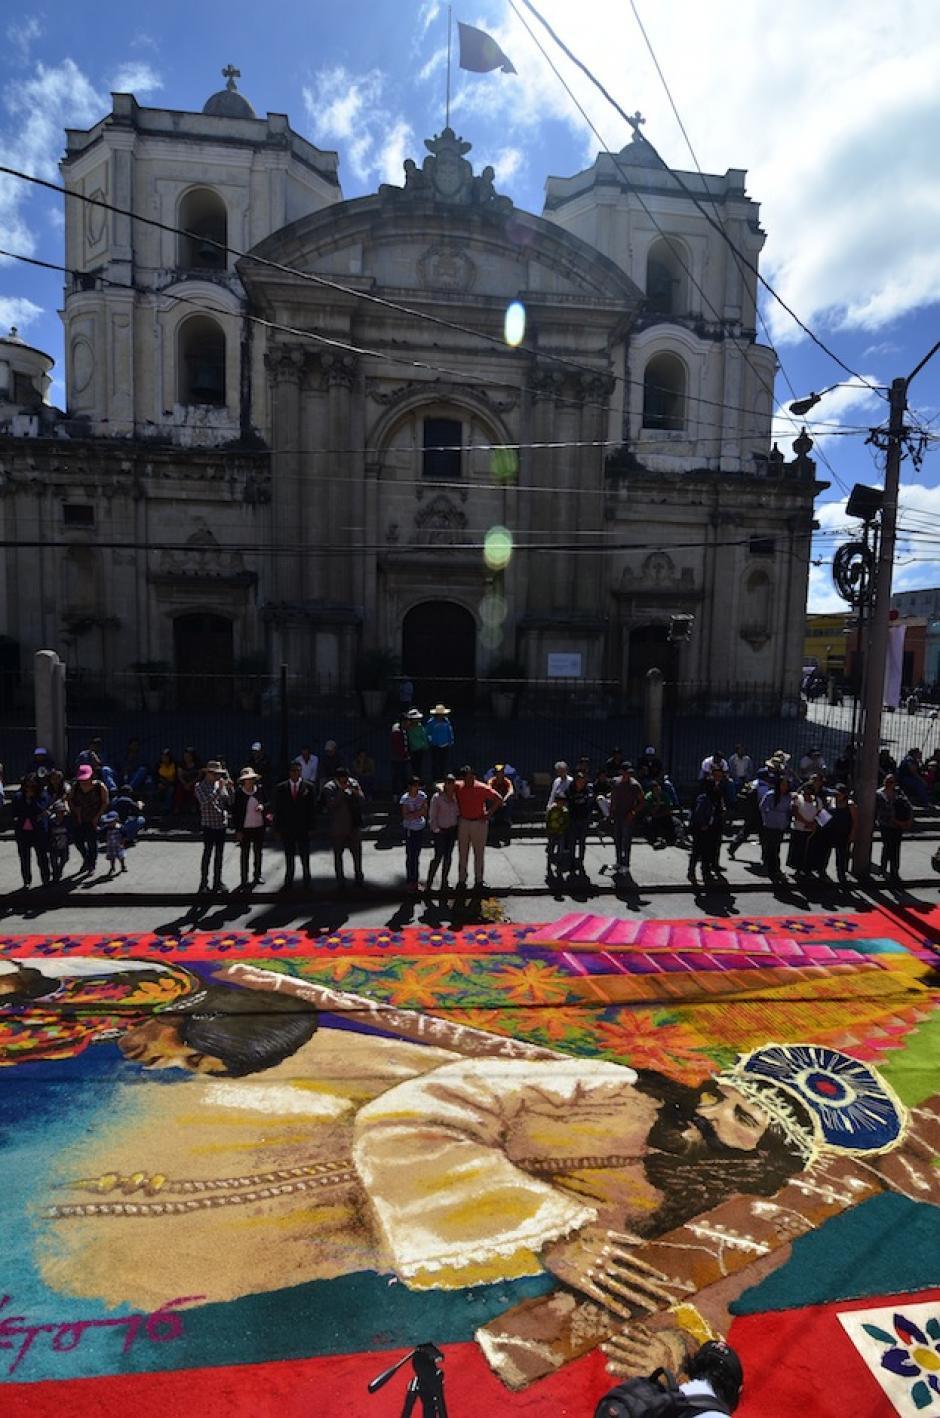 La iglesia de La Merced luce hermosa junto a la alfombra. (Foto: Deccio Serrano/Nuestro Diario)